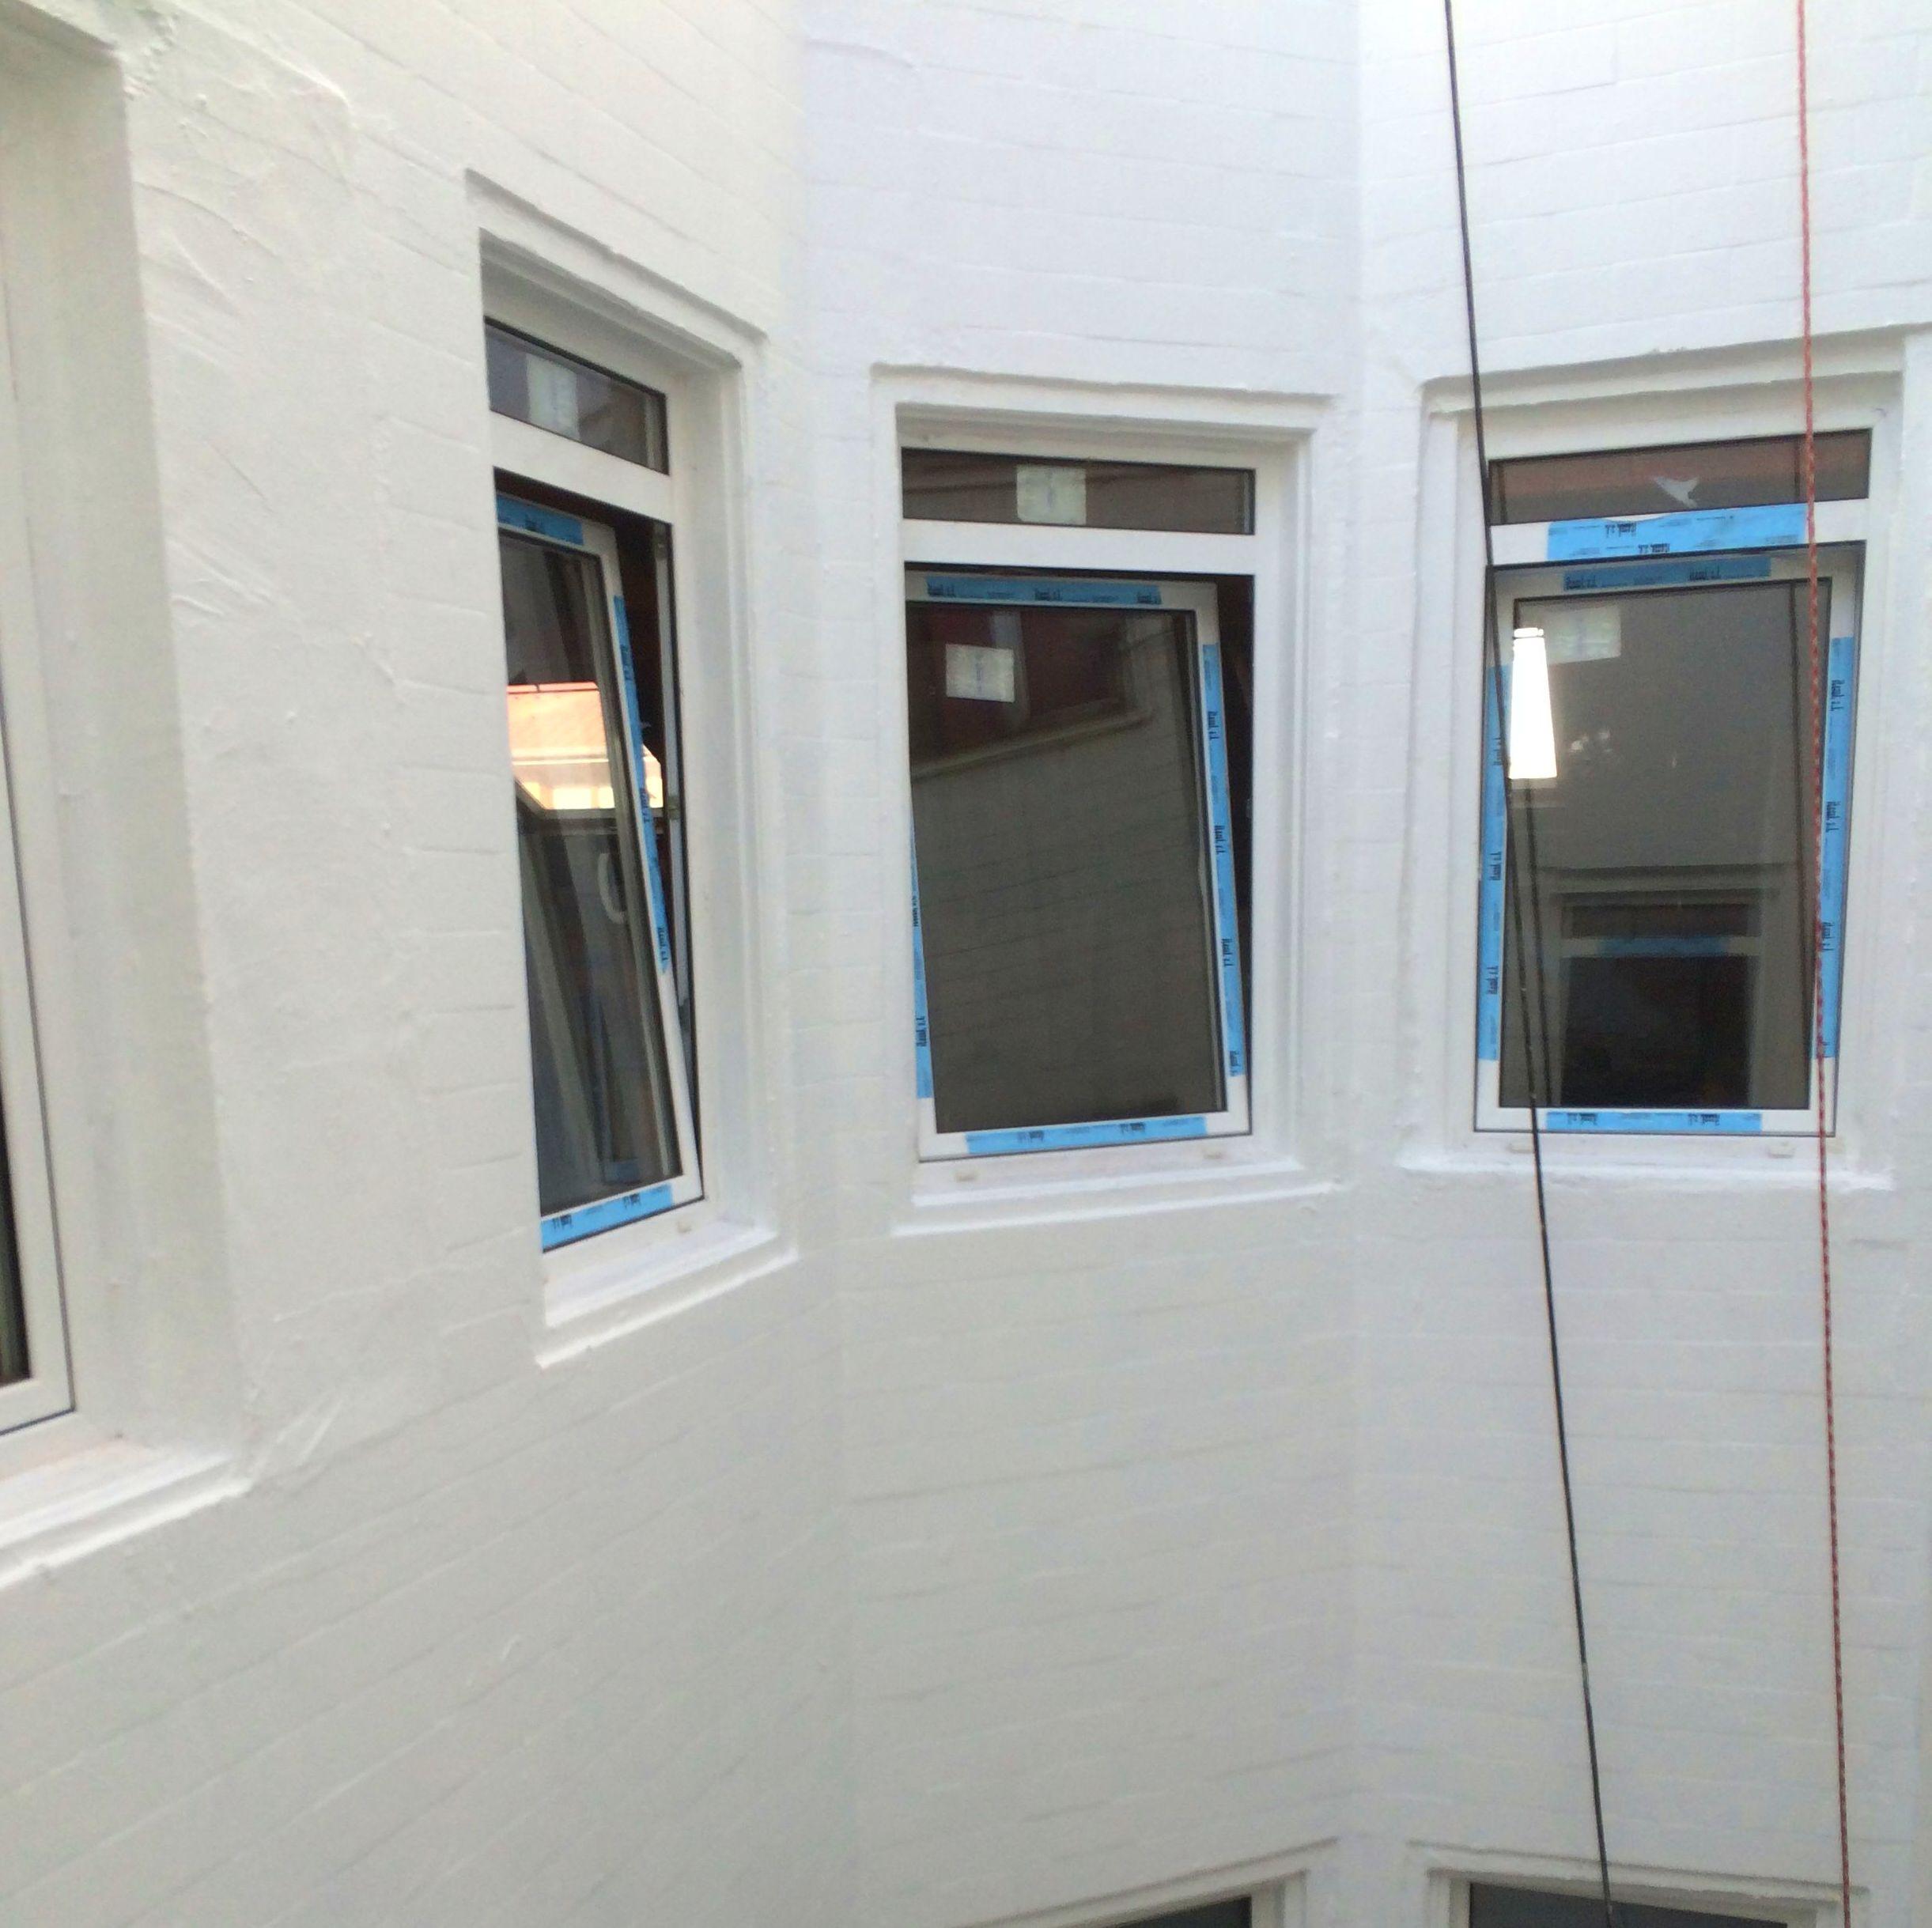 Rehabilitaci n de patio de luces sin andamios trabajos for Patio de luces normativa